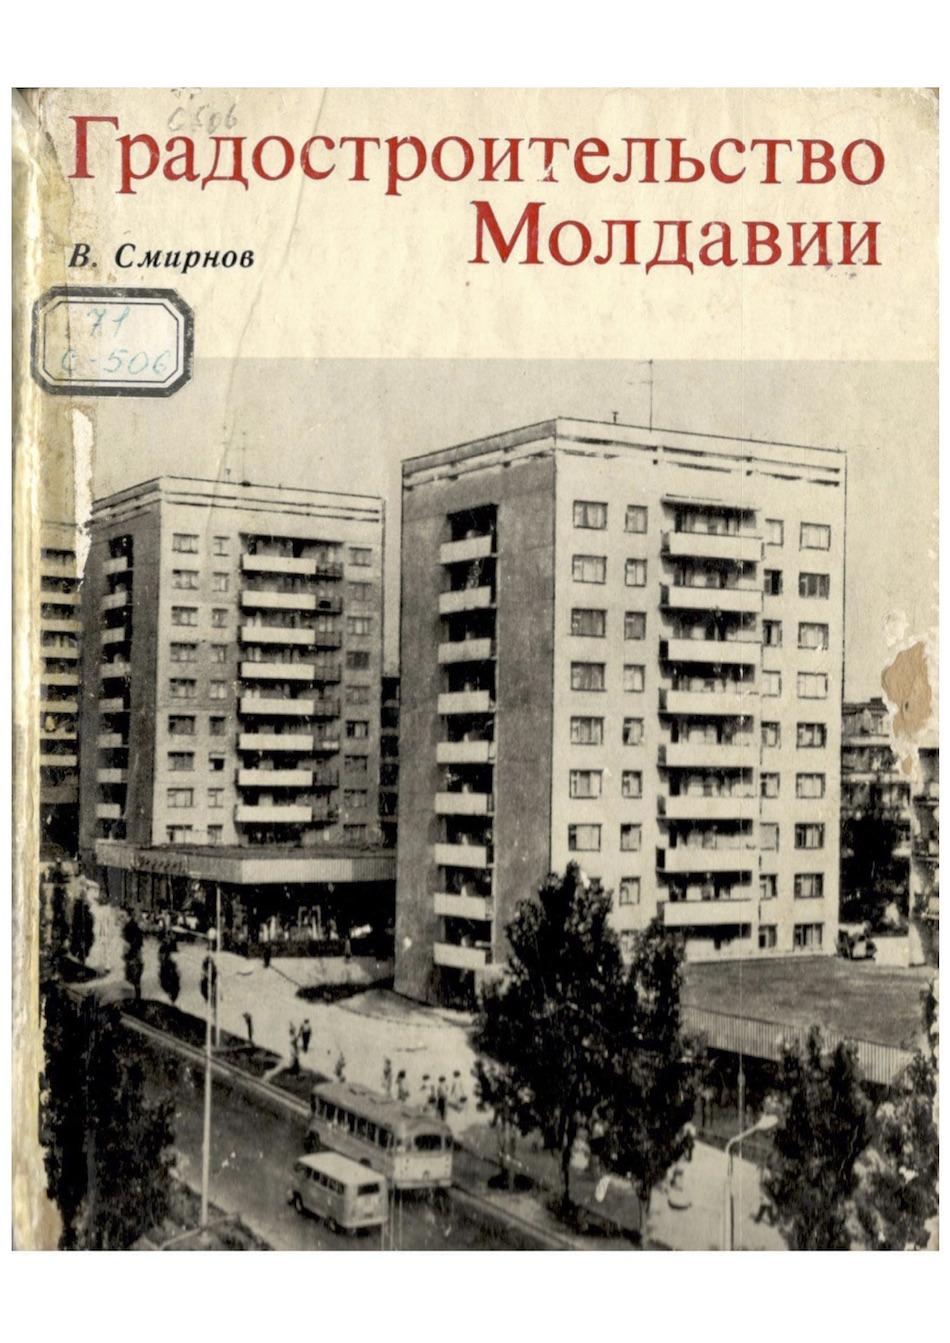 293918129-Градостроительство-Молдавии-В-Ф-Смирнов